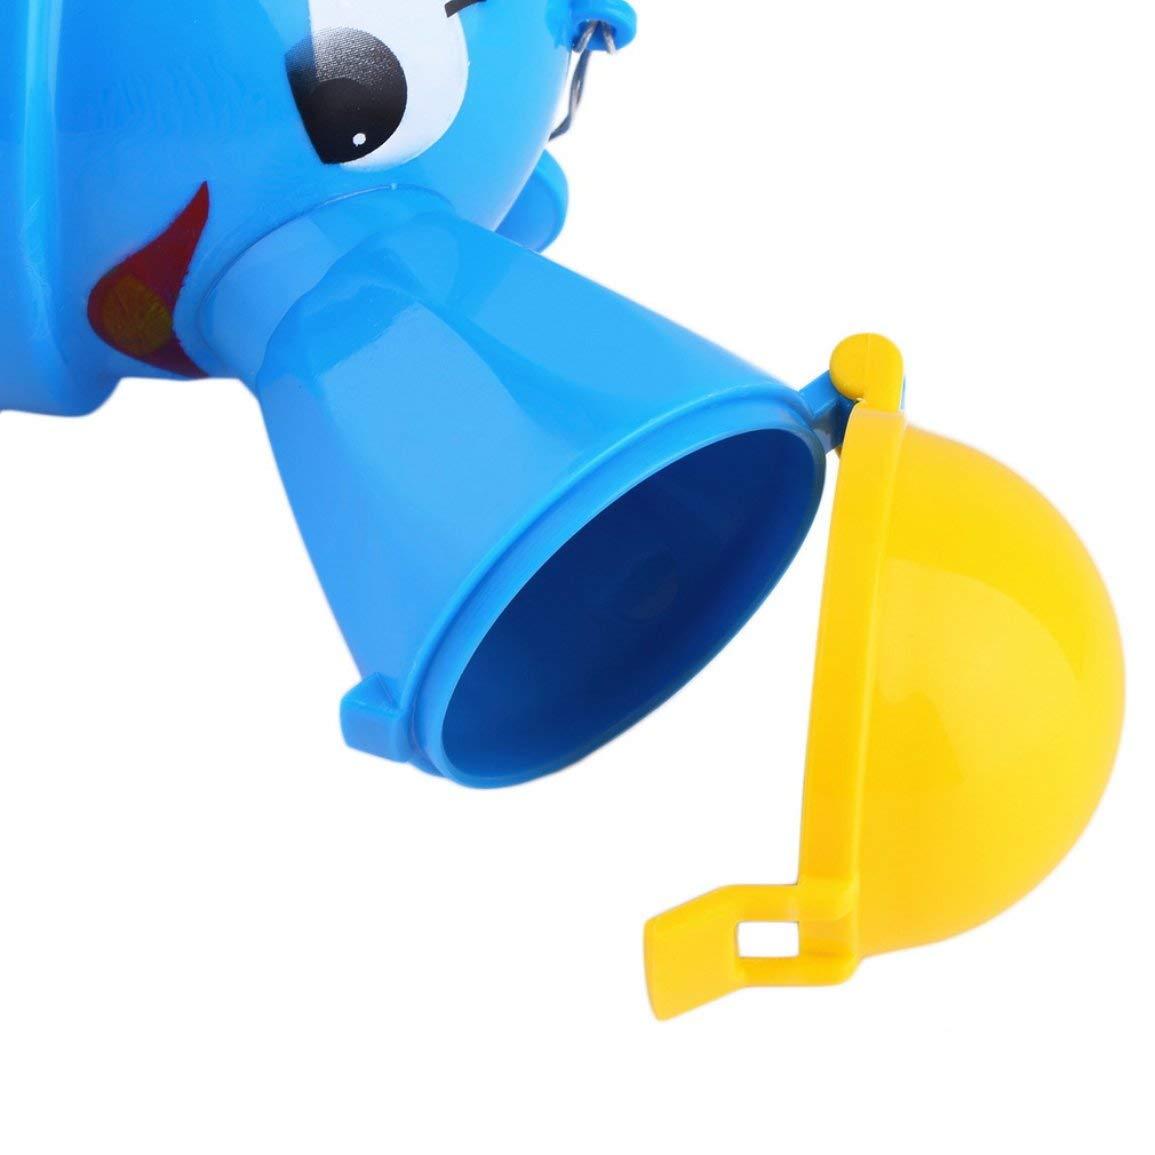 Tragbare Baby Reise Urinal Auto Toilette Outdoor Camping Junge M/ädchen Kind T/öpfchen Fahrzeugtraining Reisen Wasserlassen Werkzeuge fghfhfgjdfj